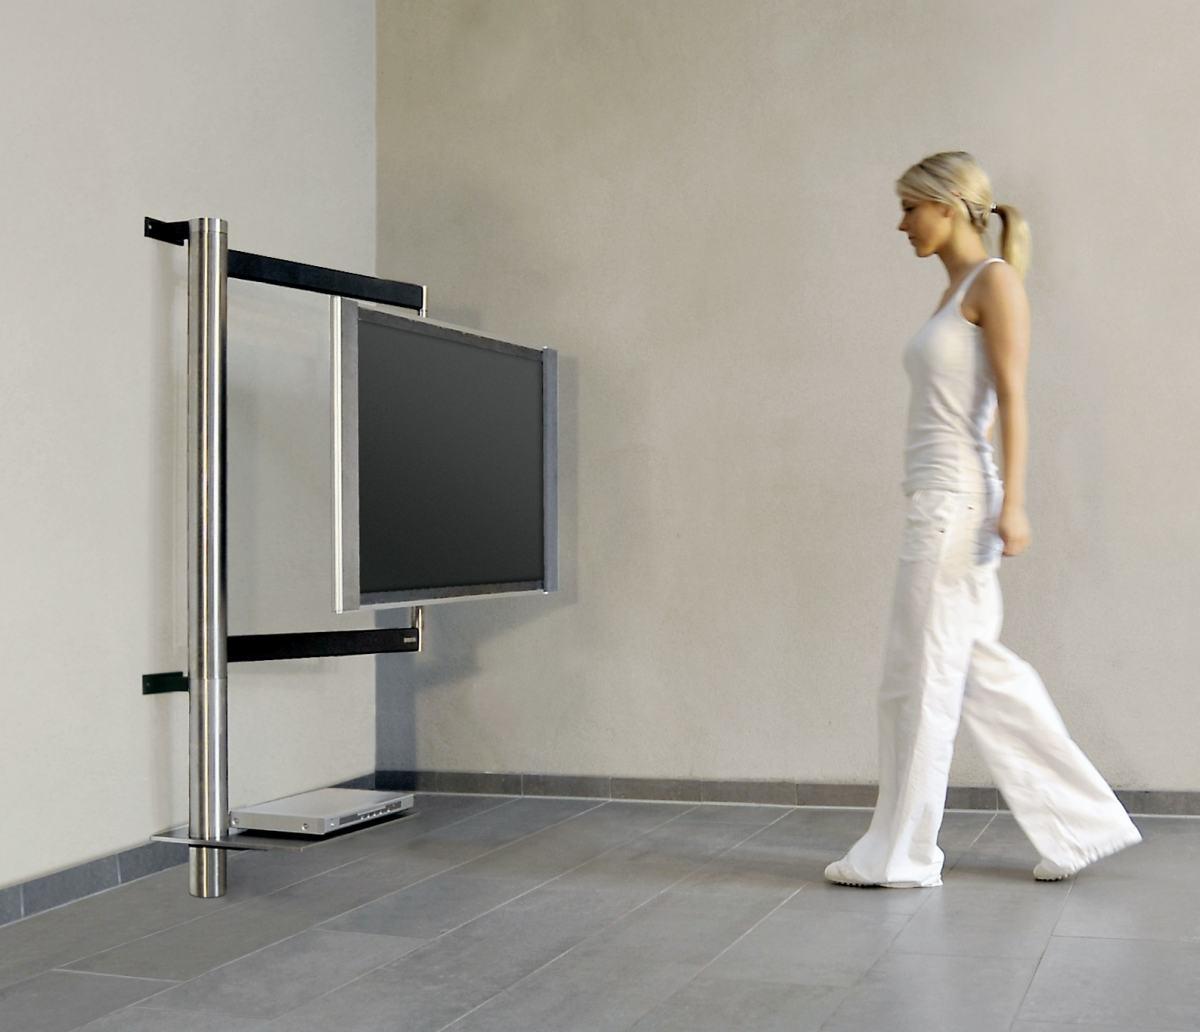 frei drehbare flatscreen wandhalterung querstreben wandhalterungen und fachboden f r receiver. Black Bedroom Furniture Sets. Home Design Ideas